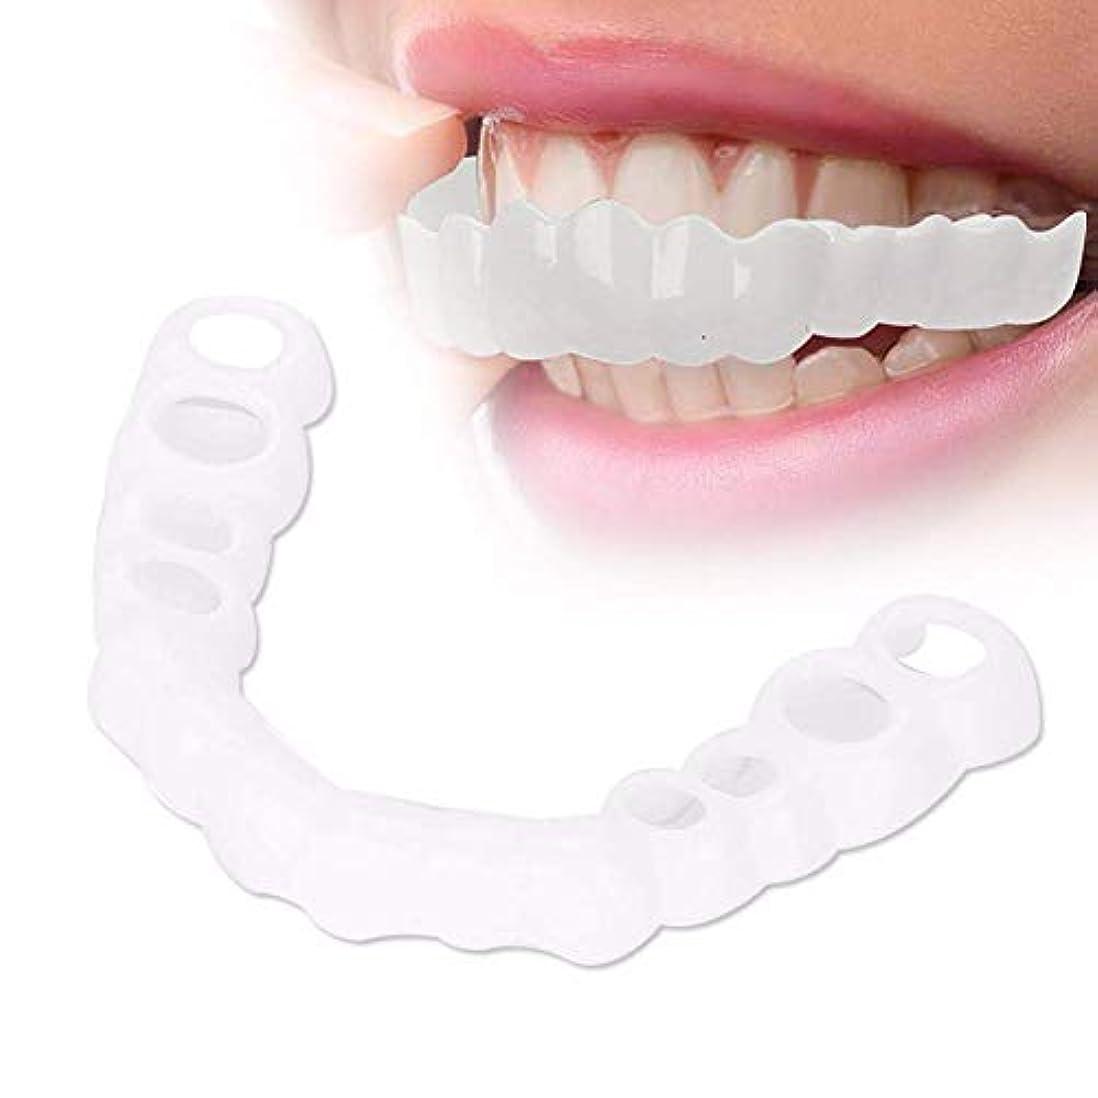 ゴージャス祖父母を訪問好ましい一時的な笑顔の快適さフィット化粧品の歯義歯のベニヤの歯快適さのフィットフレックス化粧品の歯の歯のベニア(上の歯)